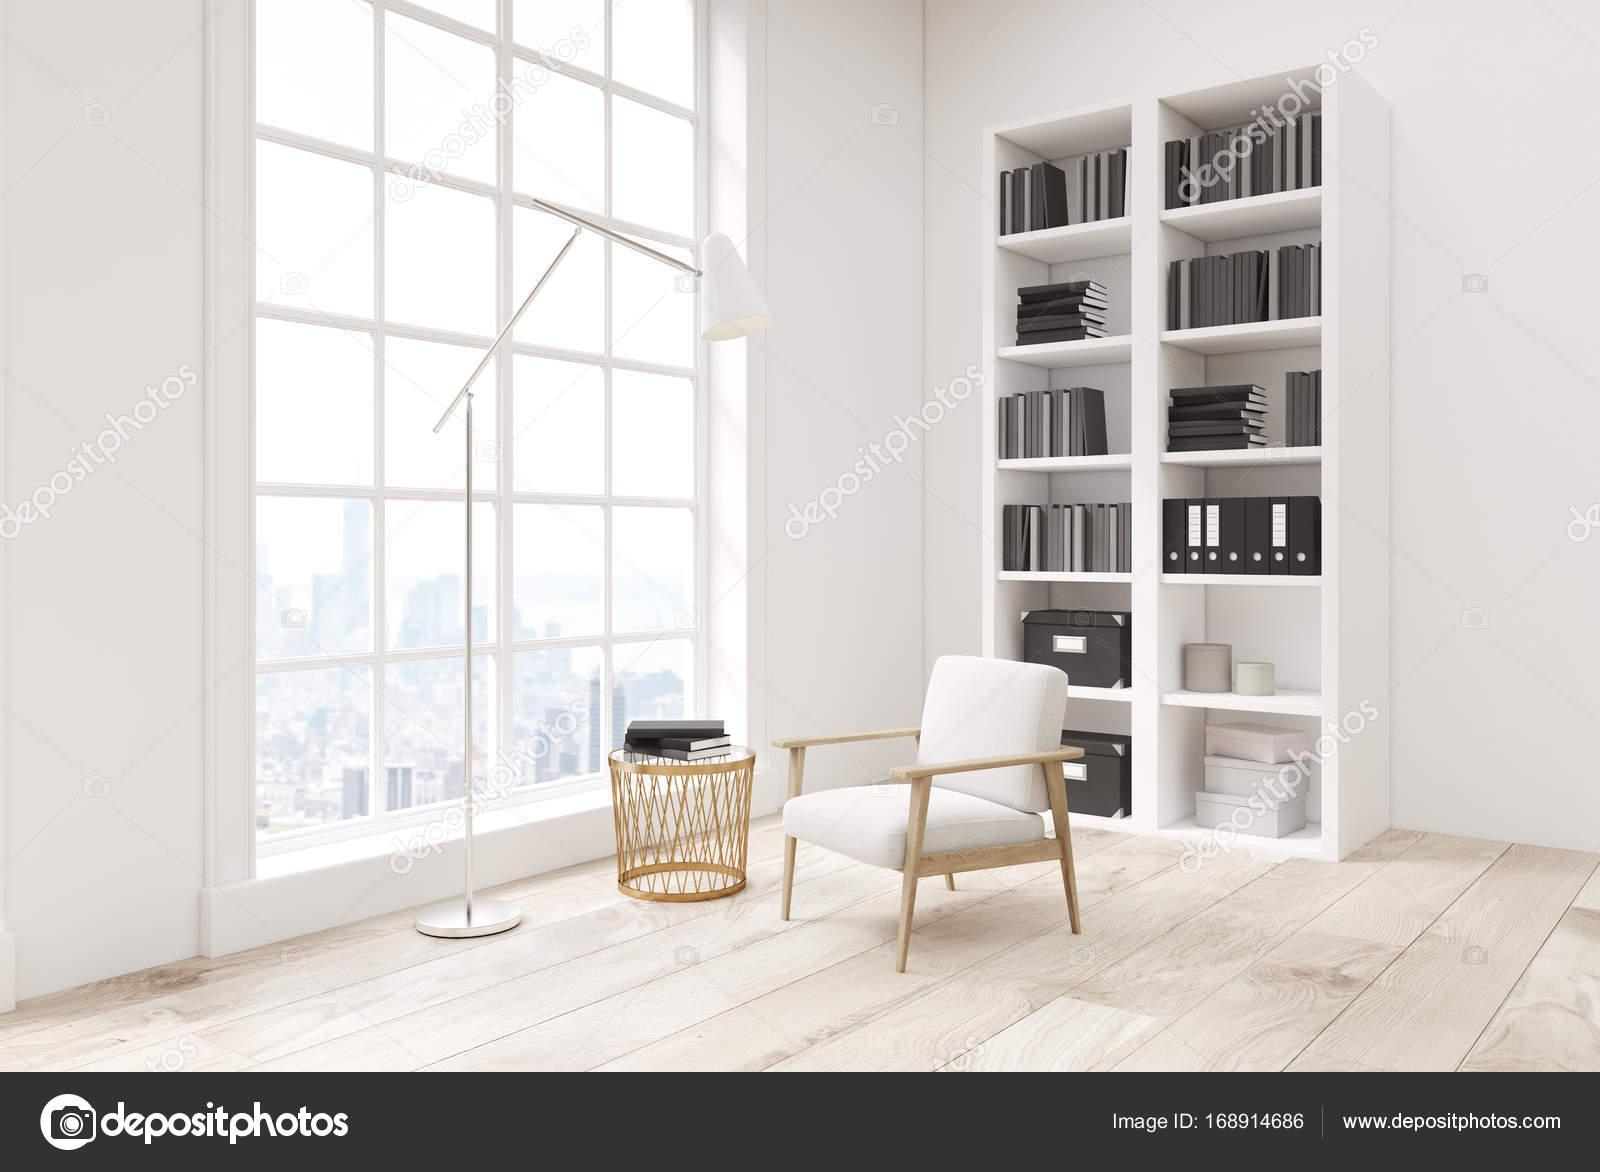 Blickfang Weißes Bücherregal Das Beste Von Ecke Von Einem Weißen Wohnzimmer Interieur Mit